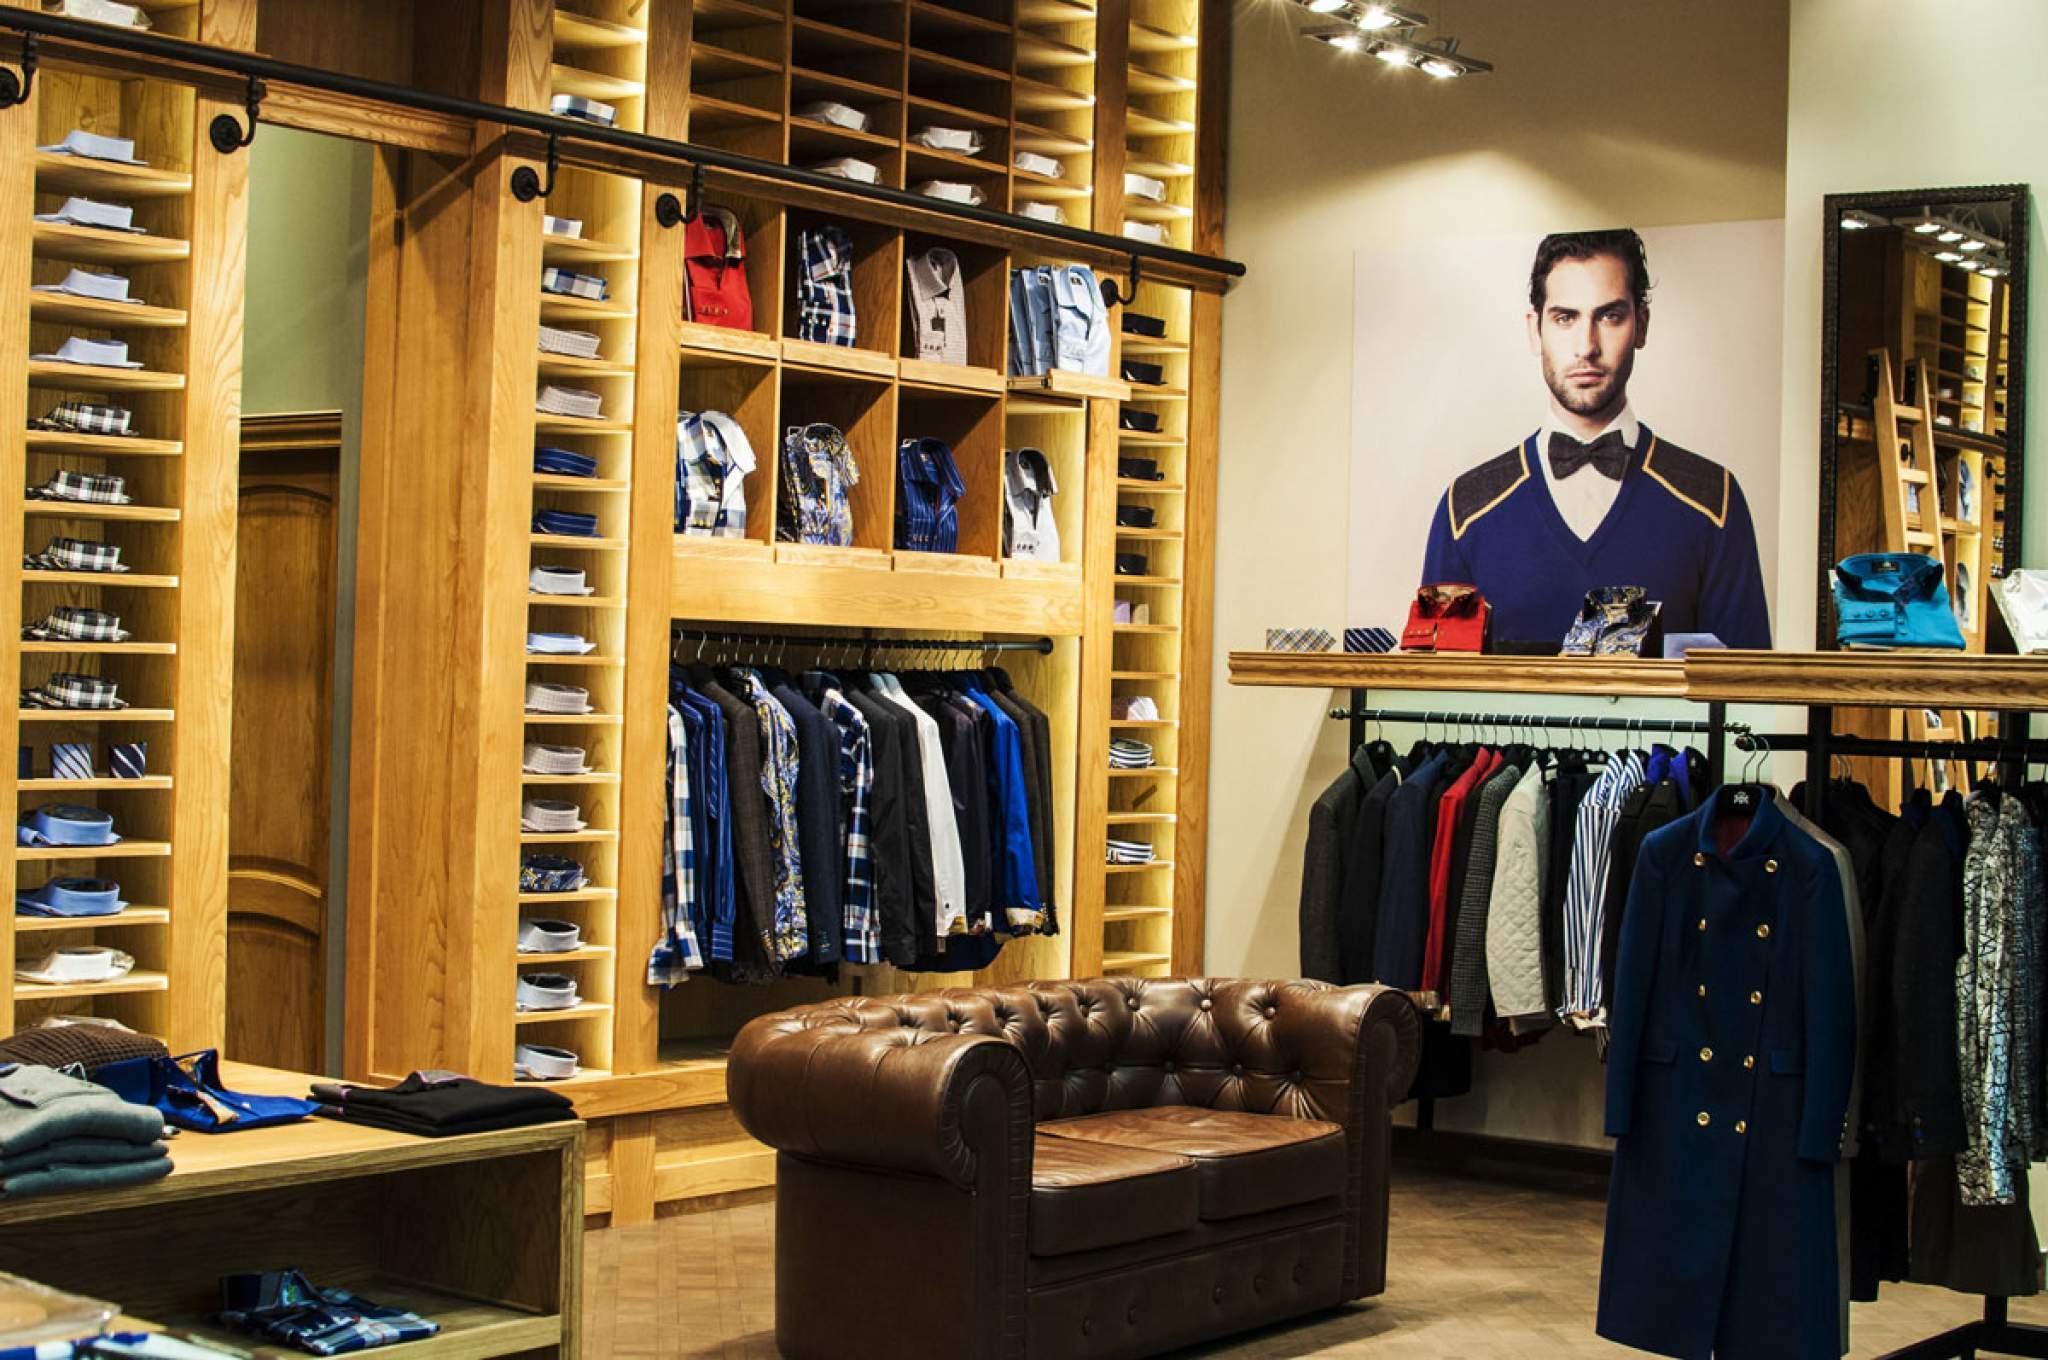 коллекции одежды в народном стиле